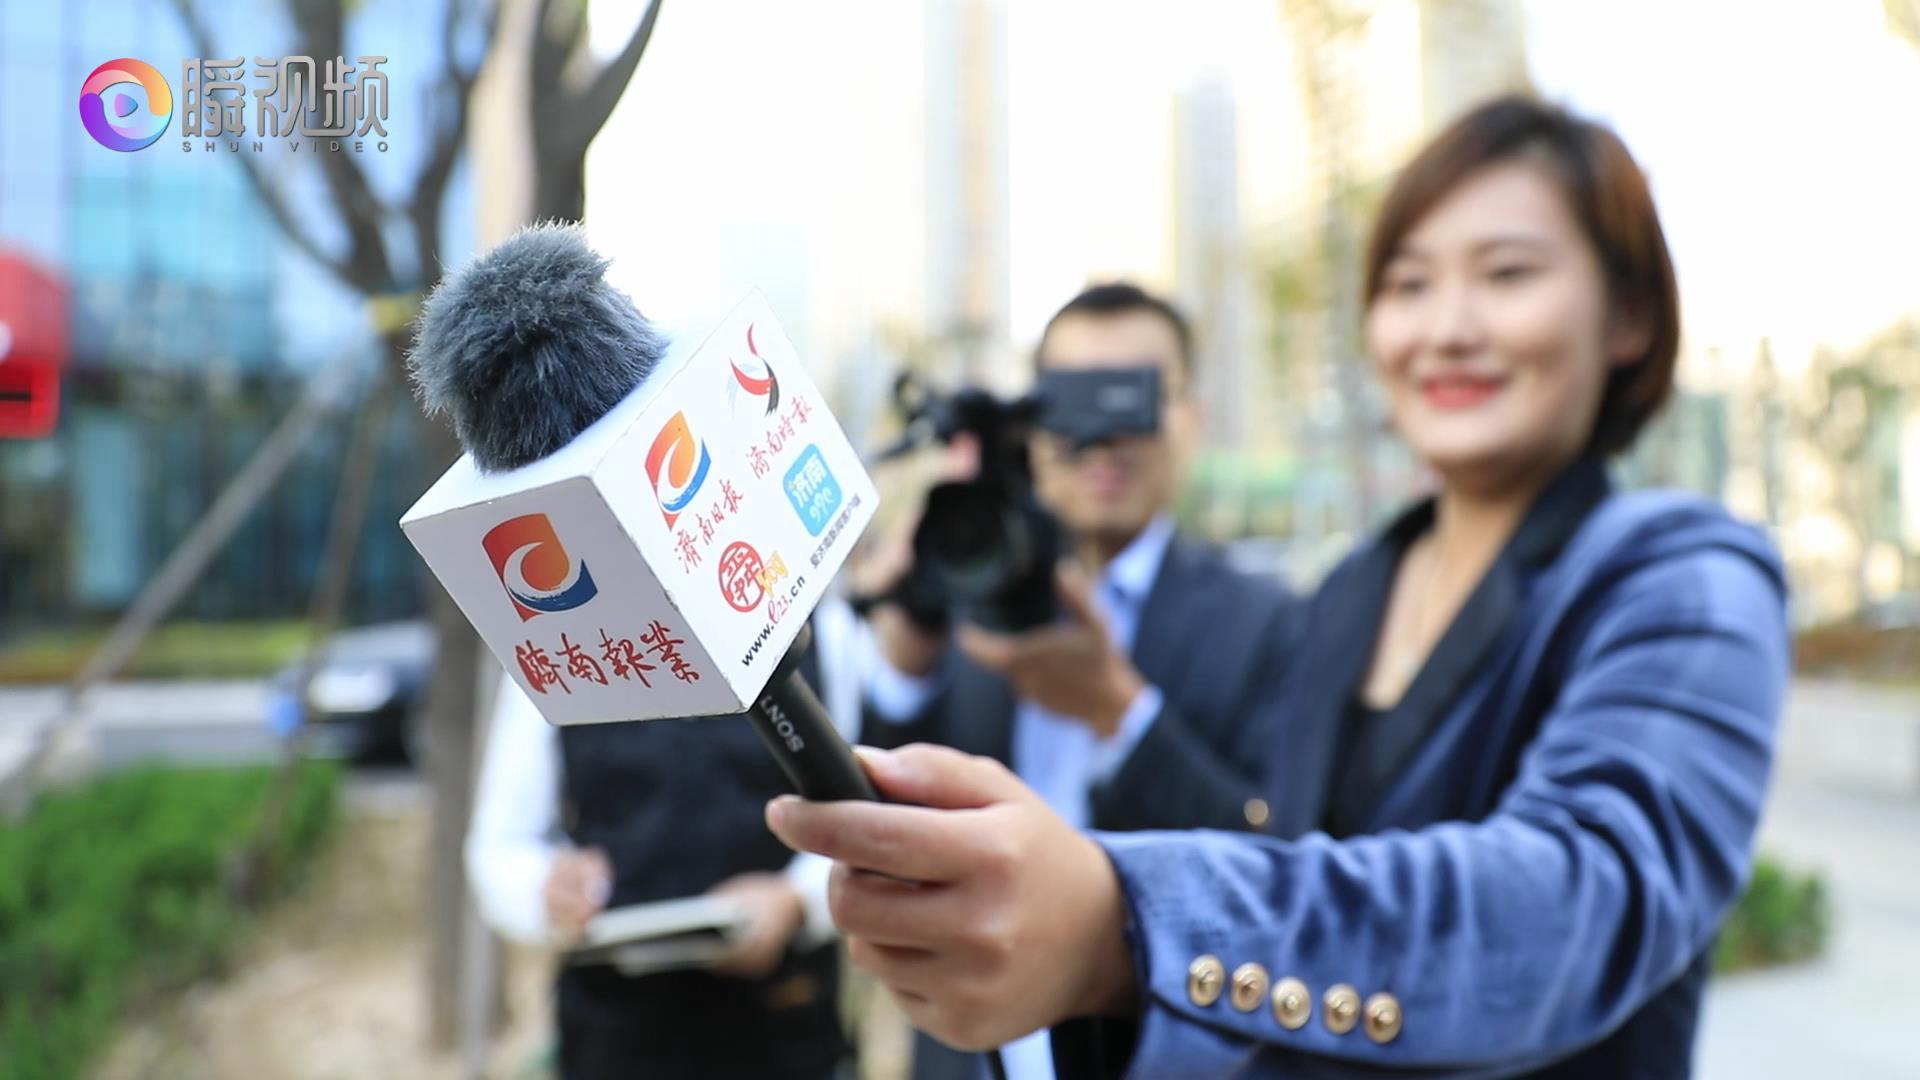 【瞬视频】180秒!与舜网记者共同感悟时代脉动